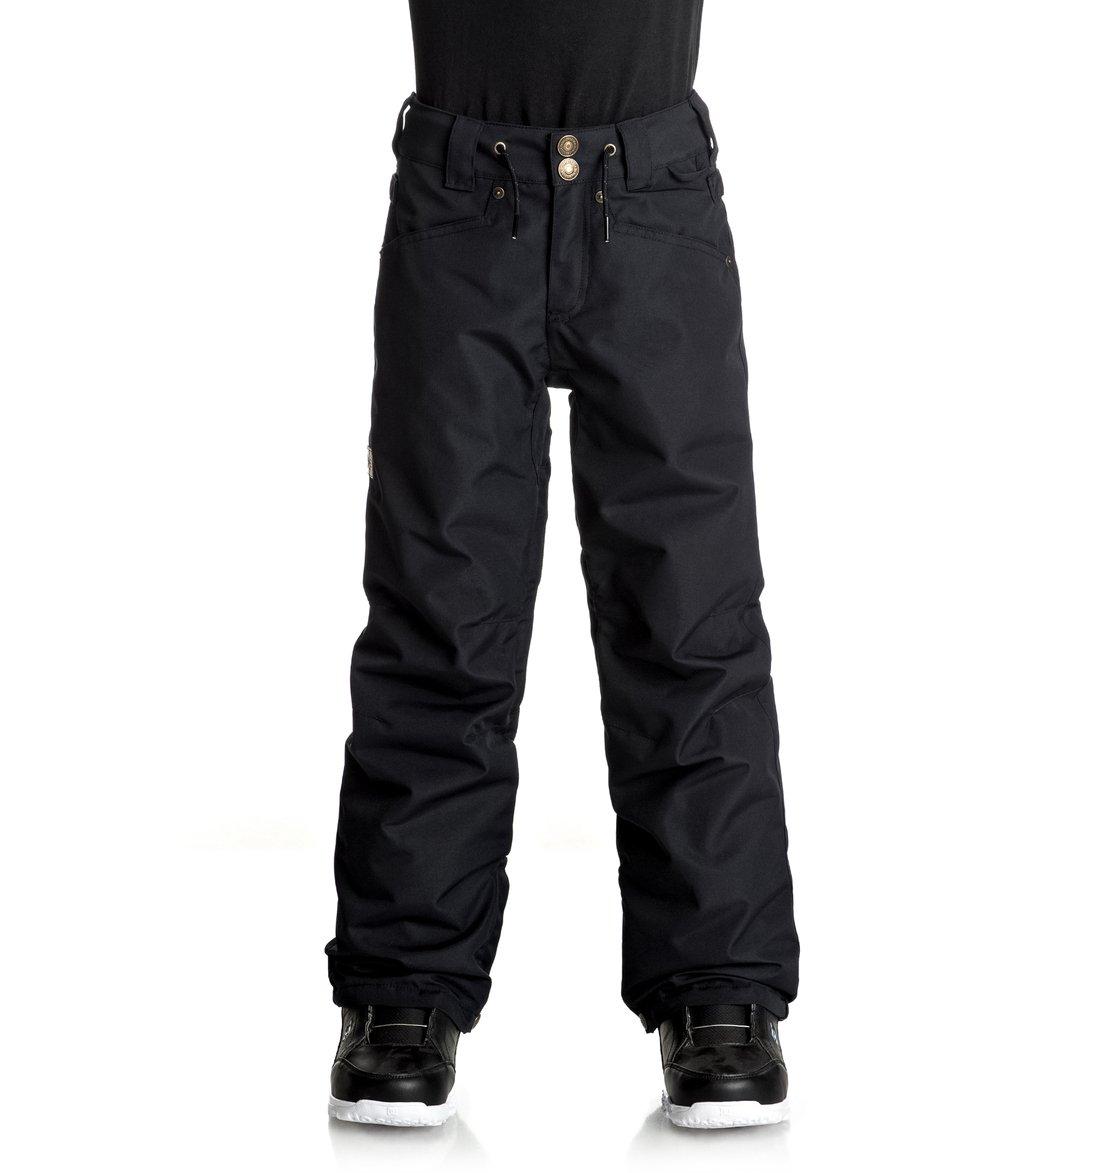 Сноубордические штаны Relay